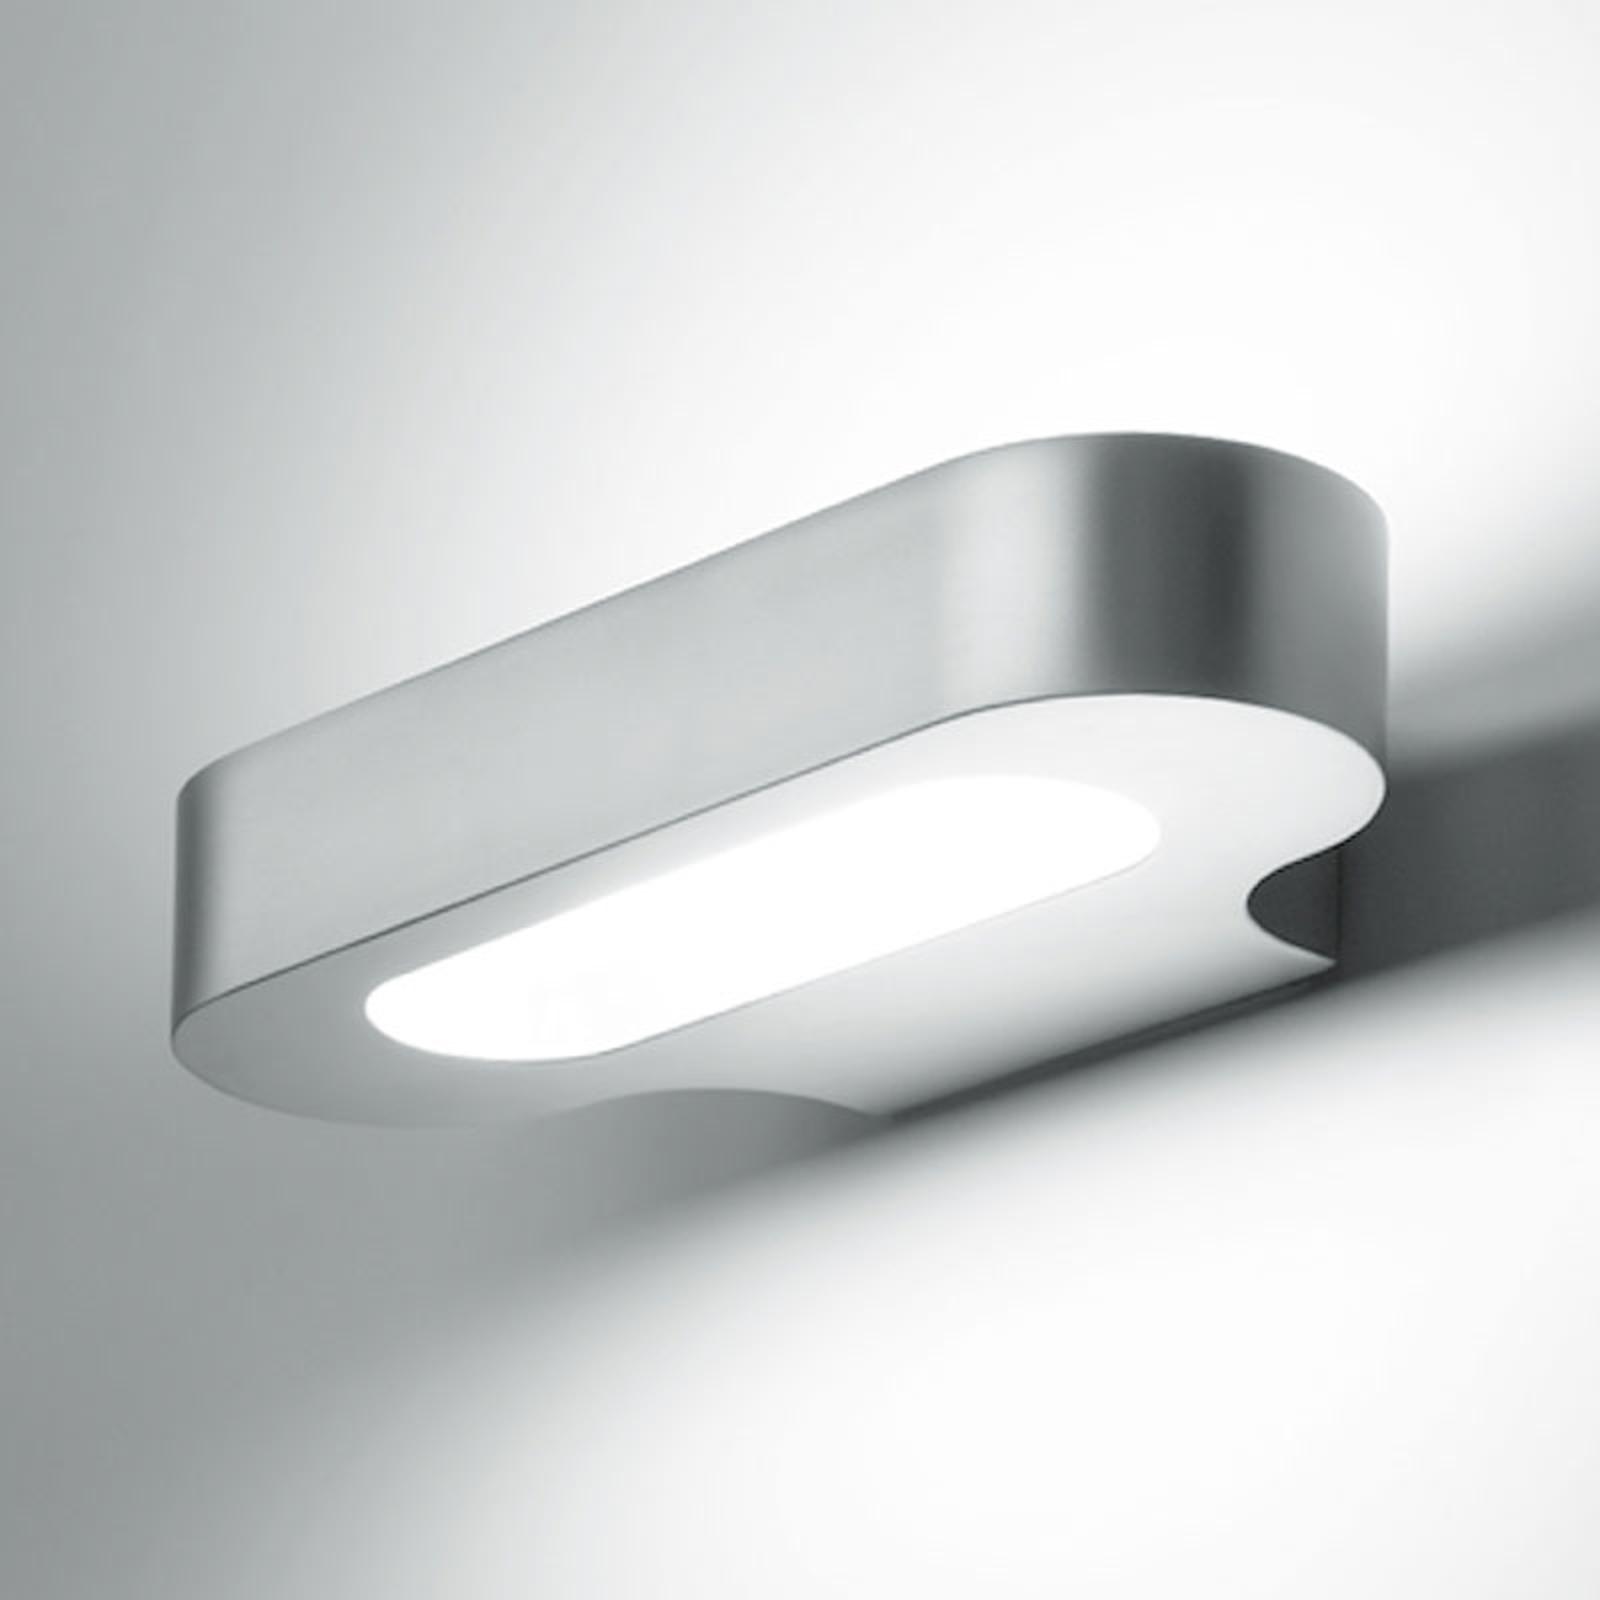 Artemide Talo LED-vegglampe 21cm sølv 3000K